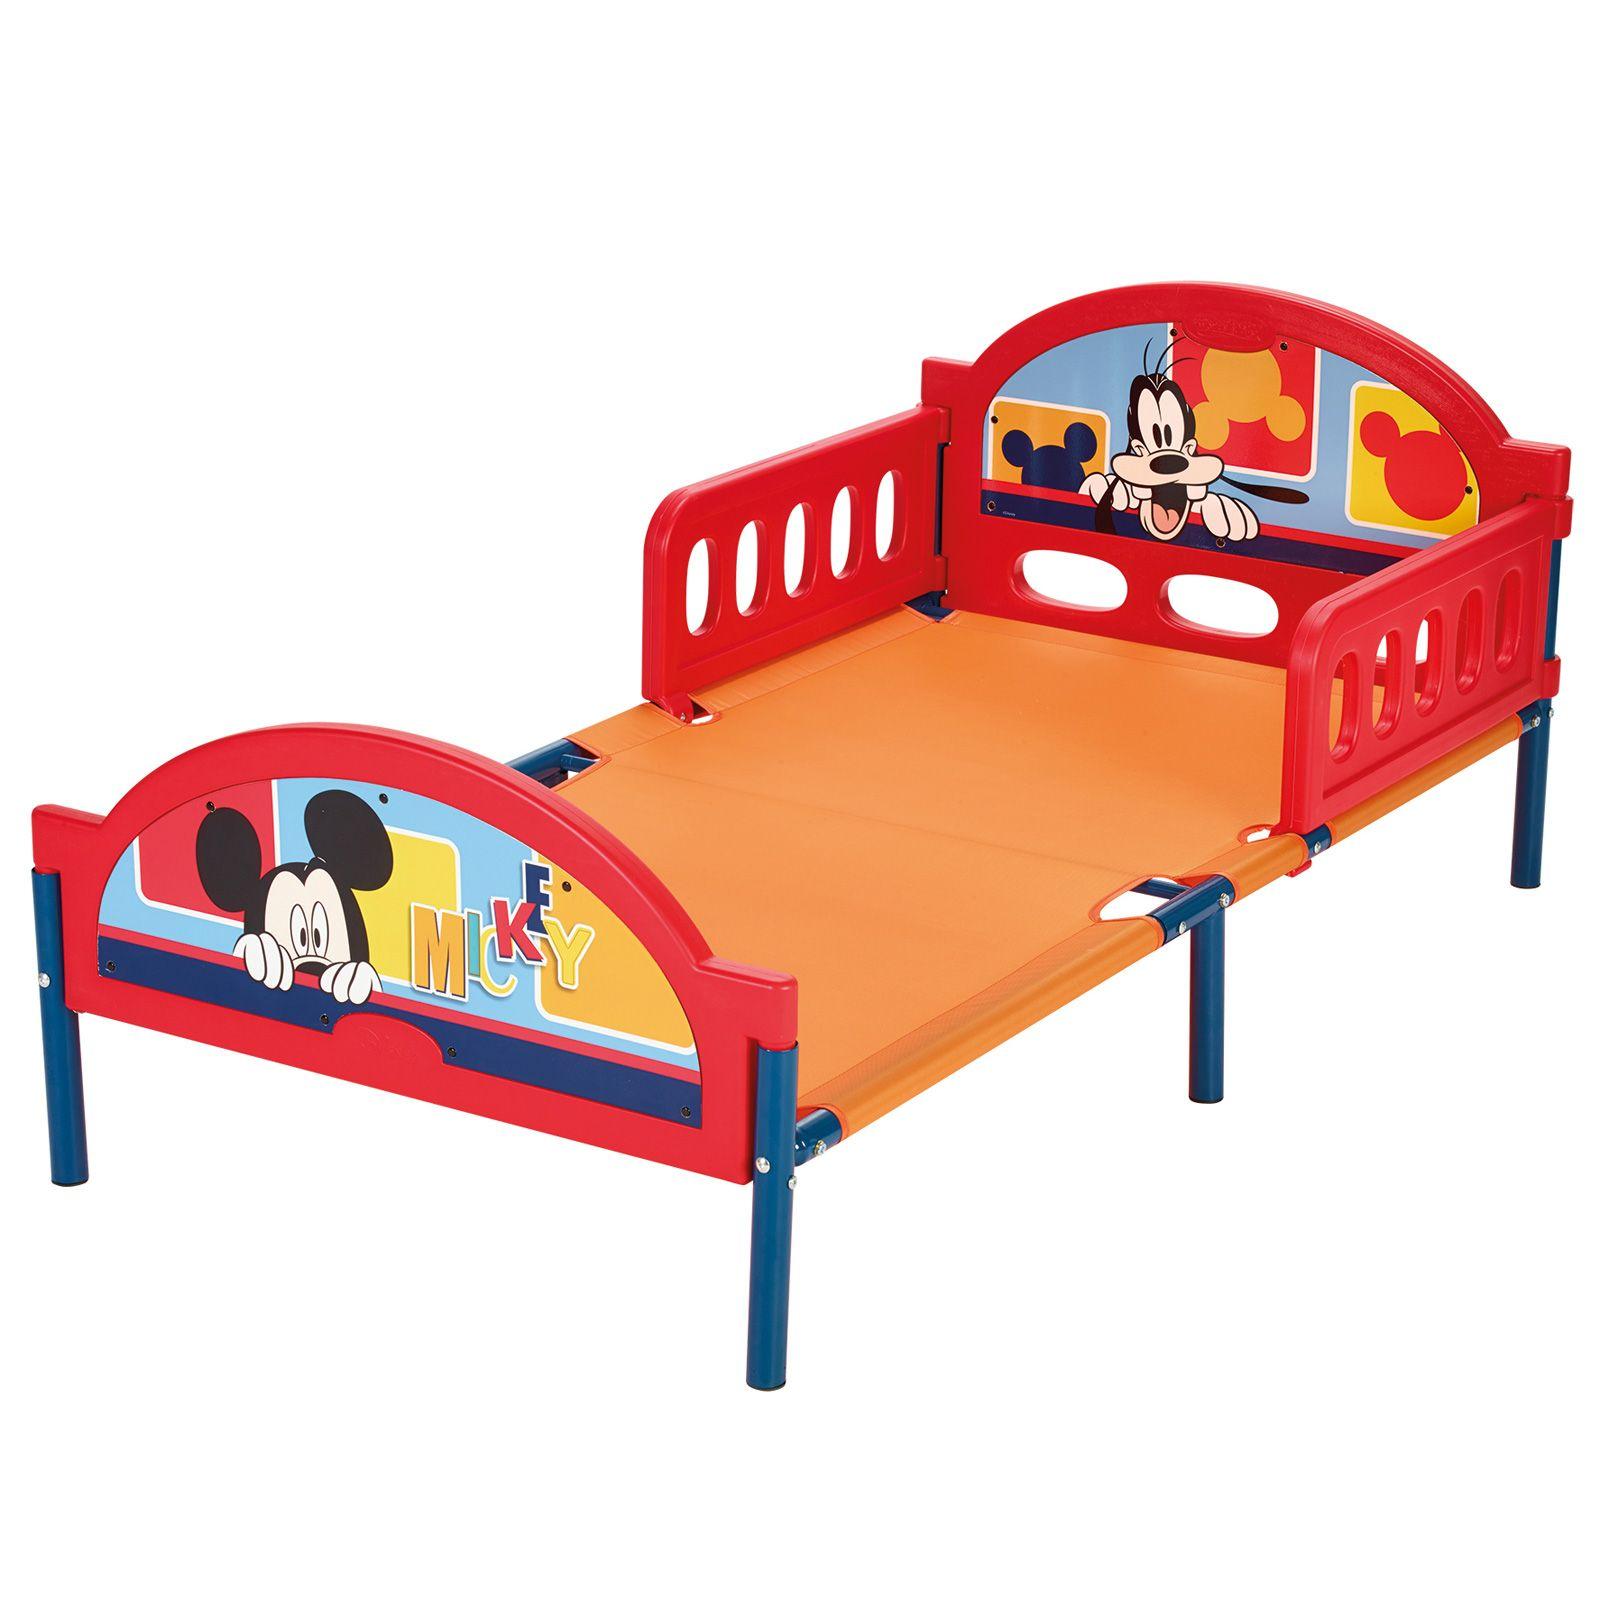 behagliche zeit kleinkind bett matratze optionen erh ltlich eisk nigin minnie ebay. Black Bedroom Furniture Sets. Home Design Ideas